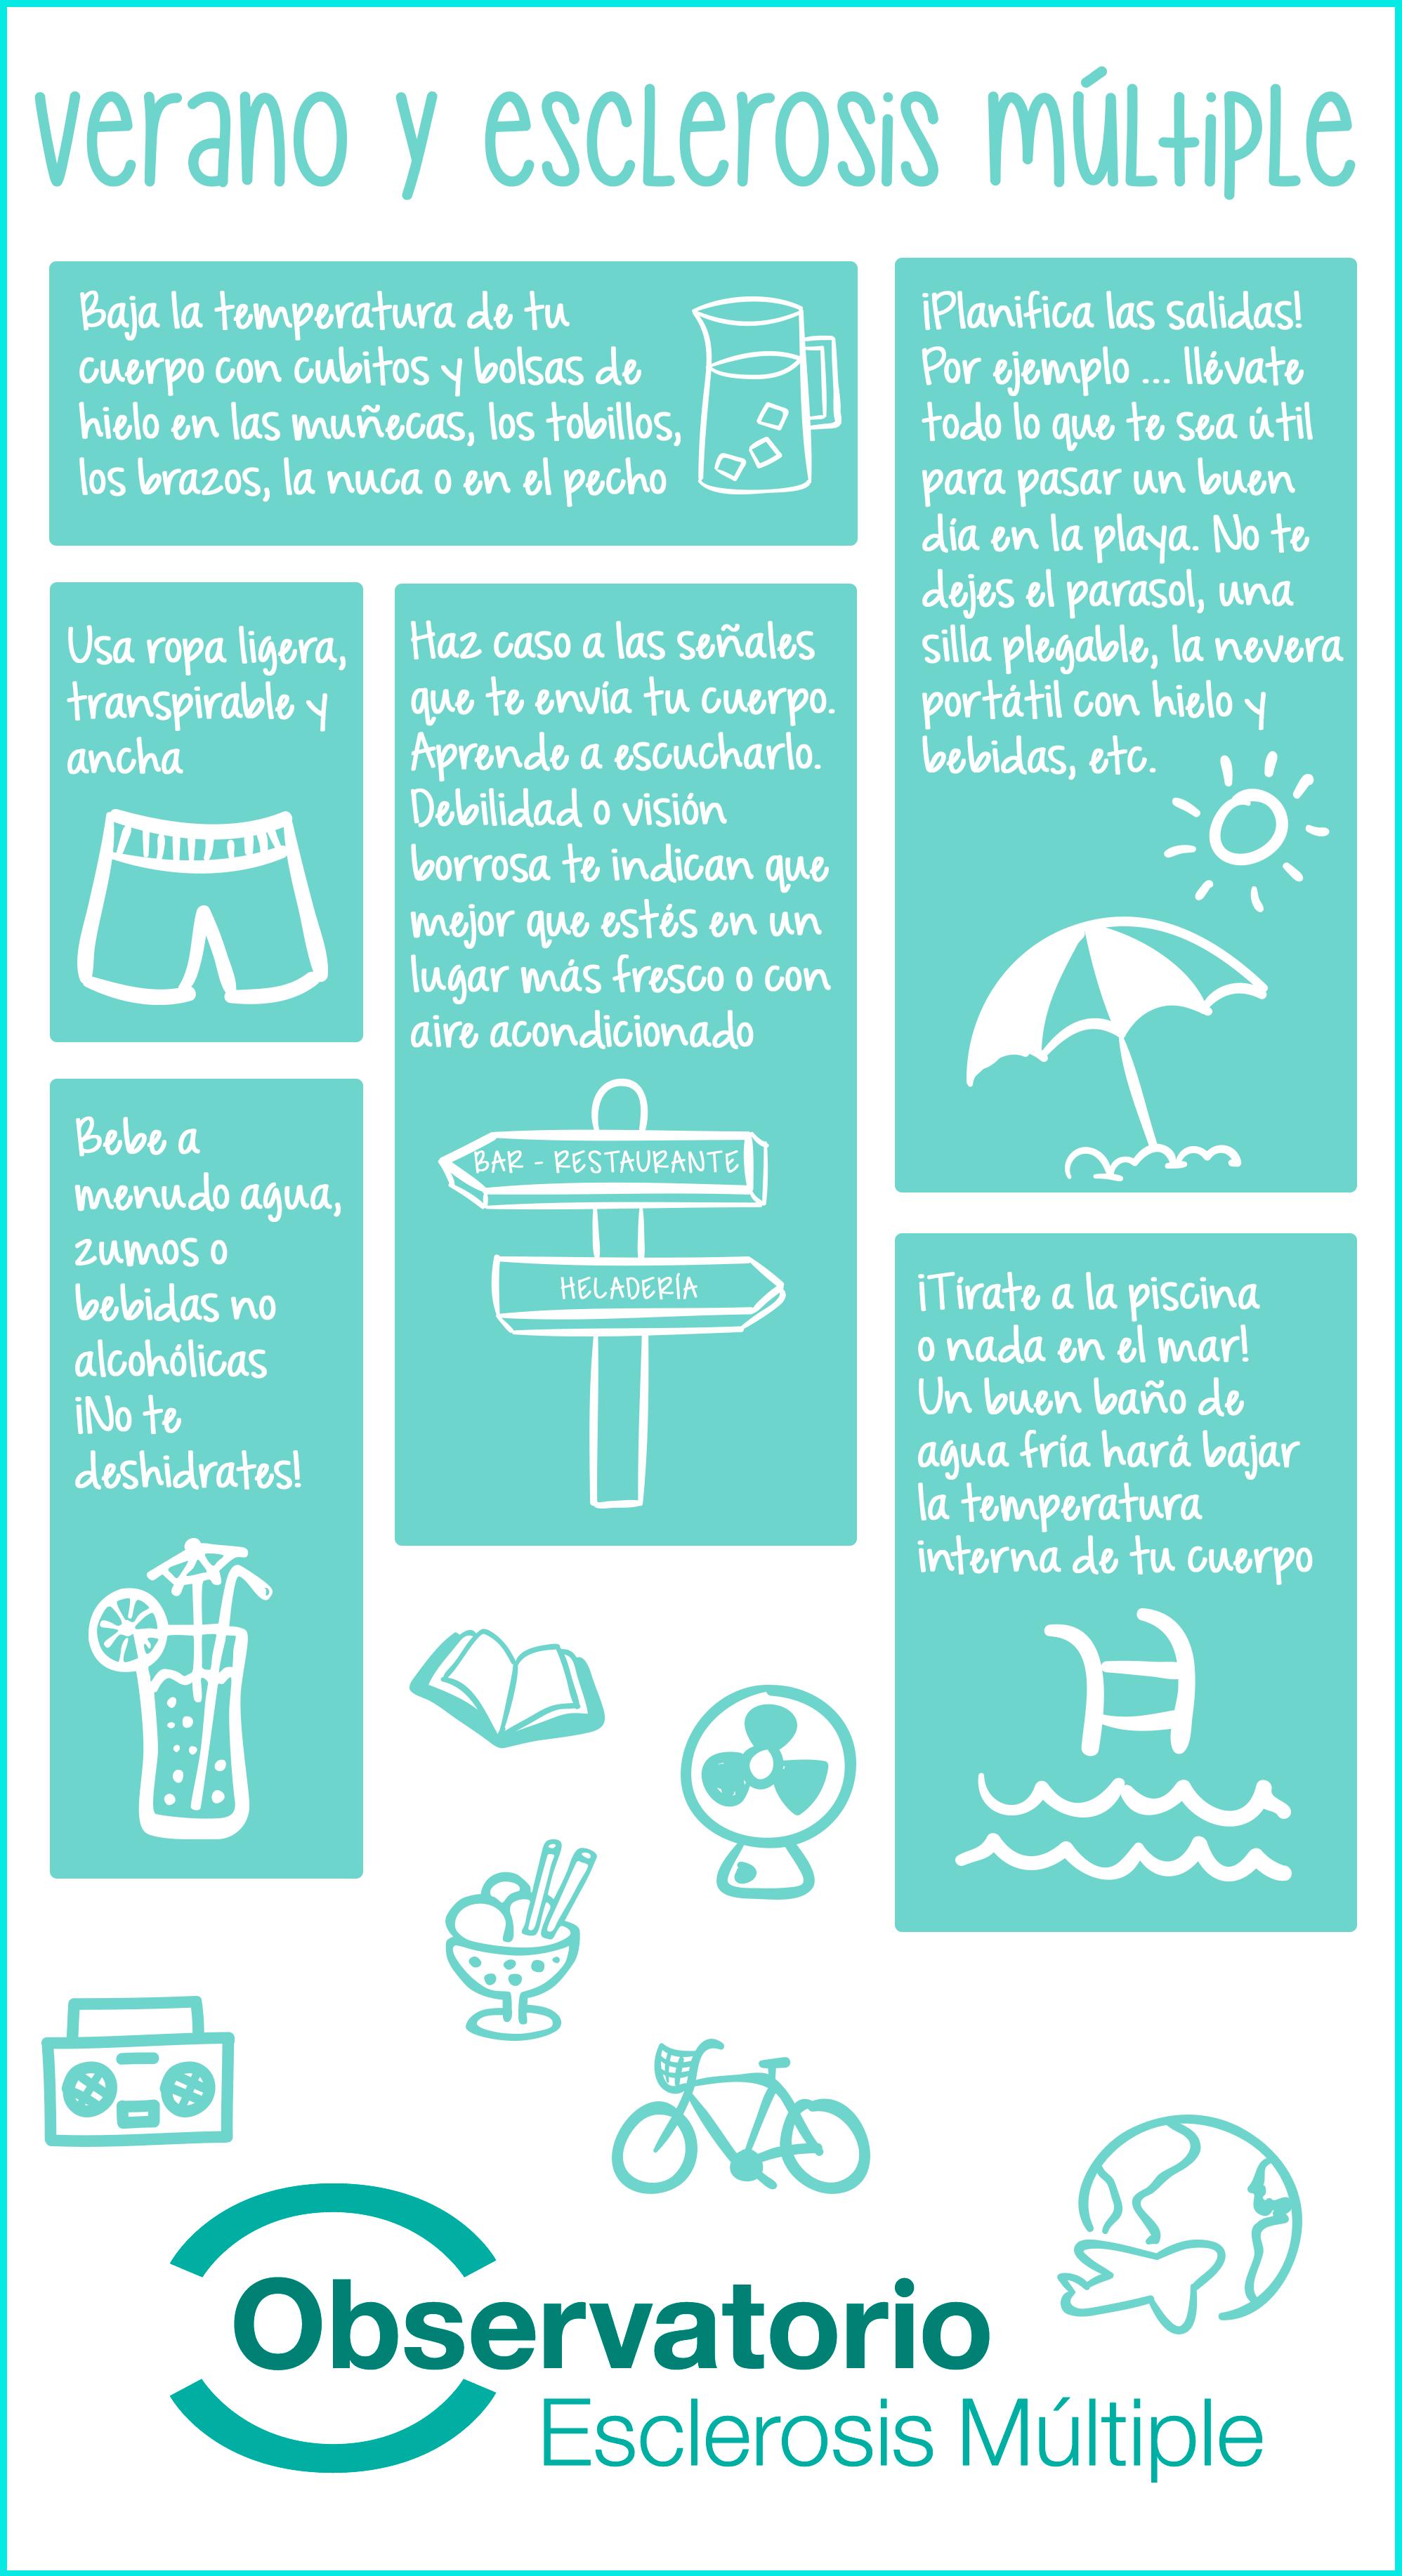 Cómo evitar la calor en verano con esclerosis múltiple? | Anatomia ...